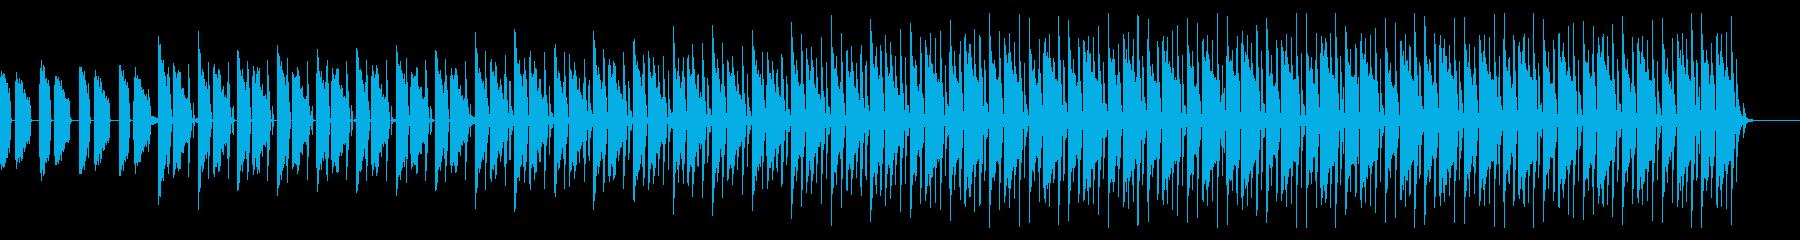 お洒落でミニマルなシンセ VP等にの再生済みの波形